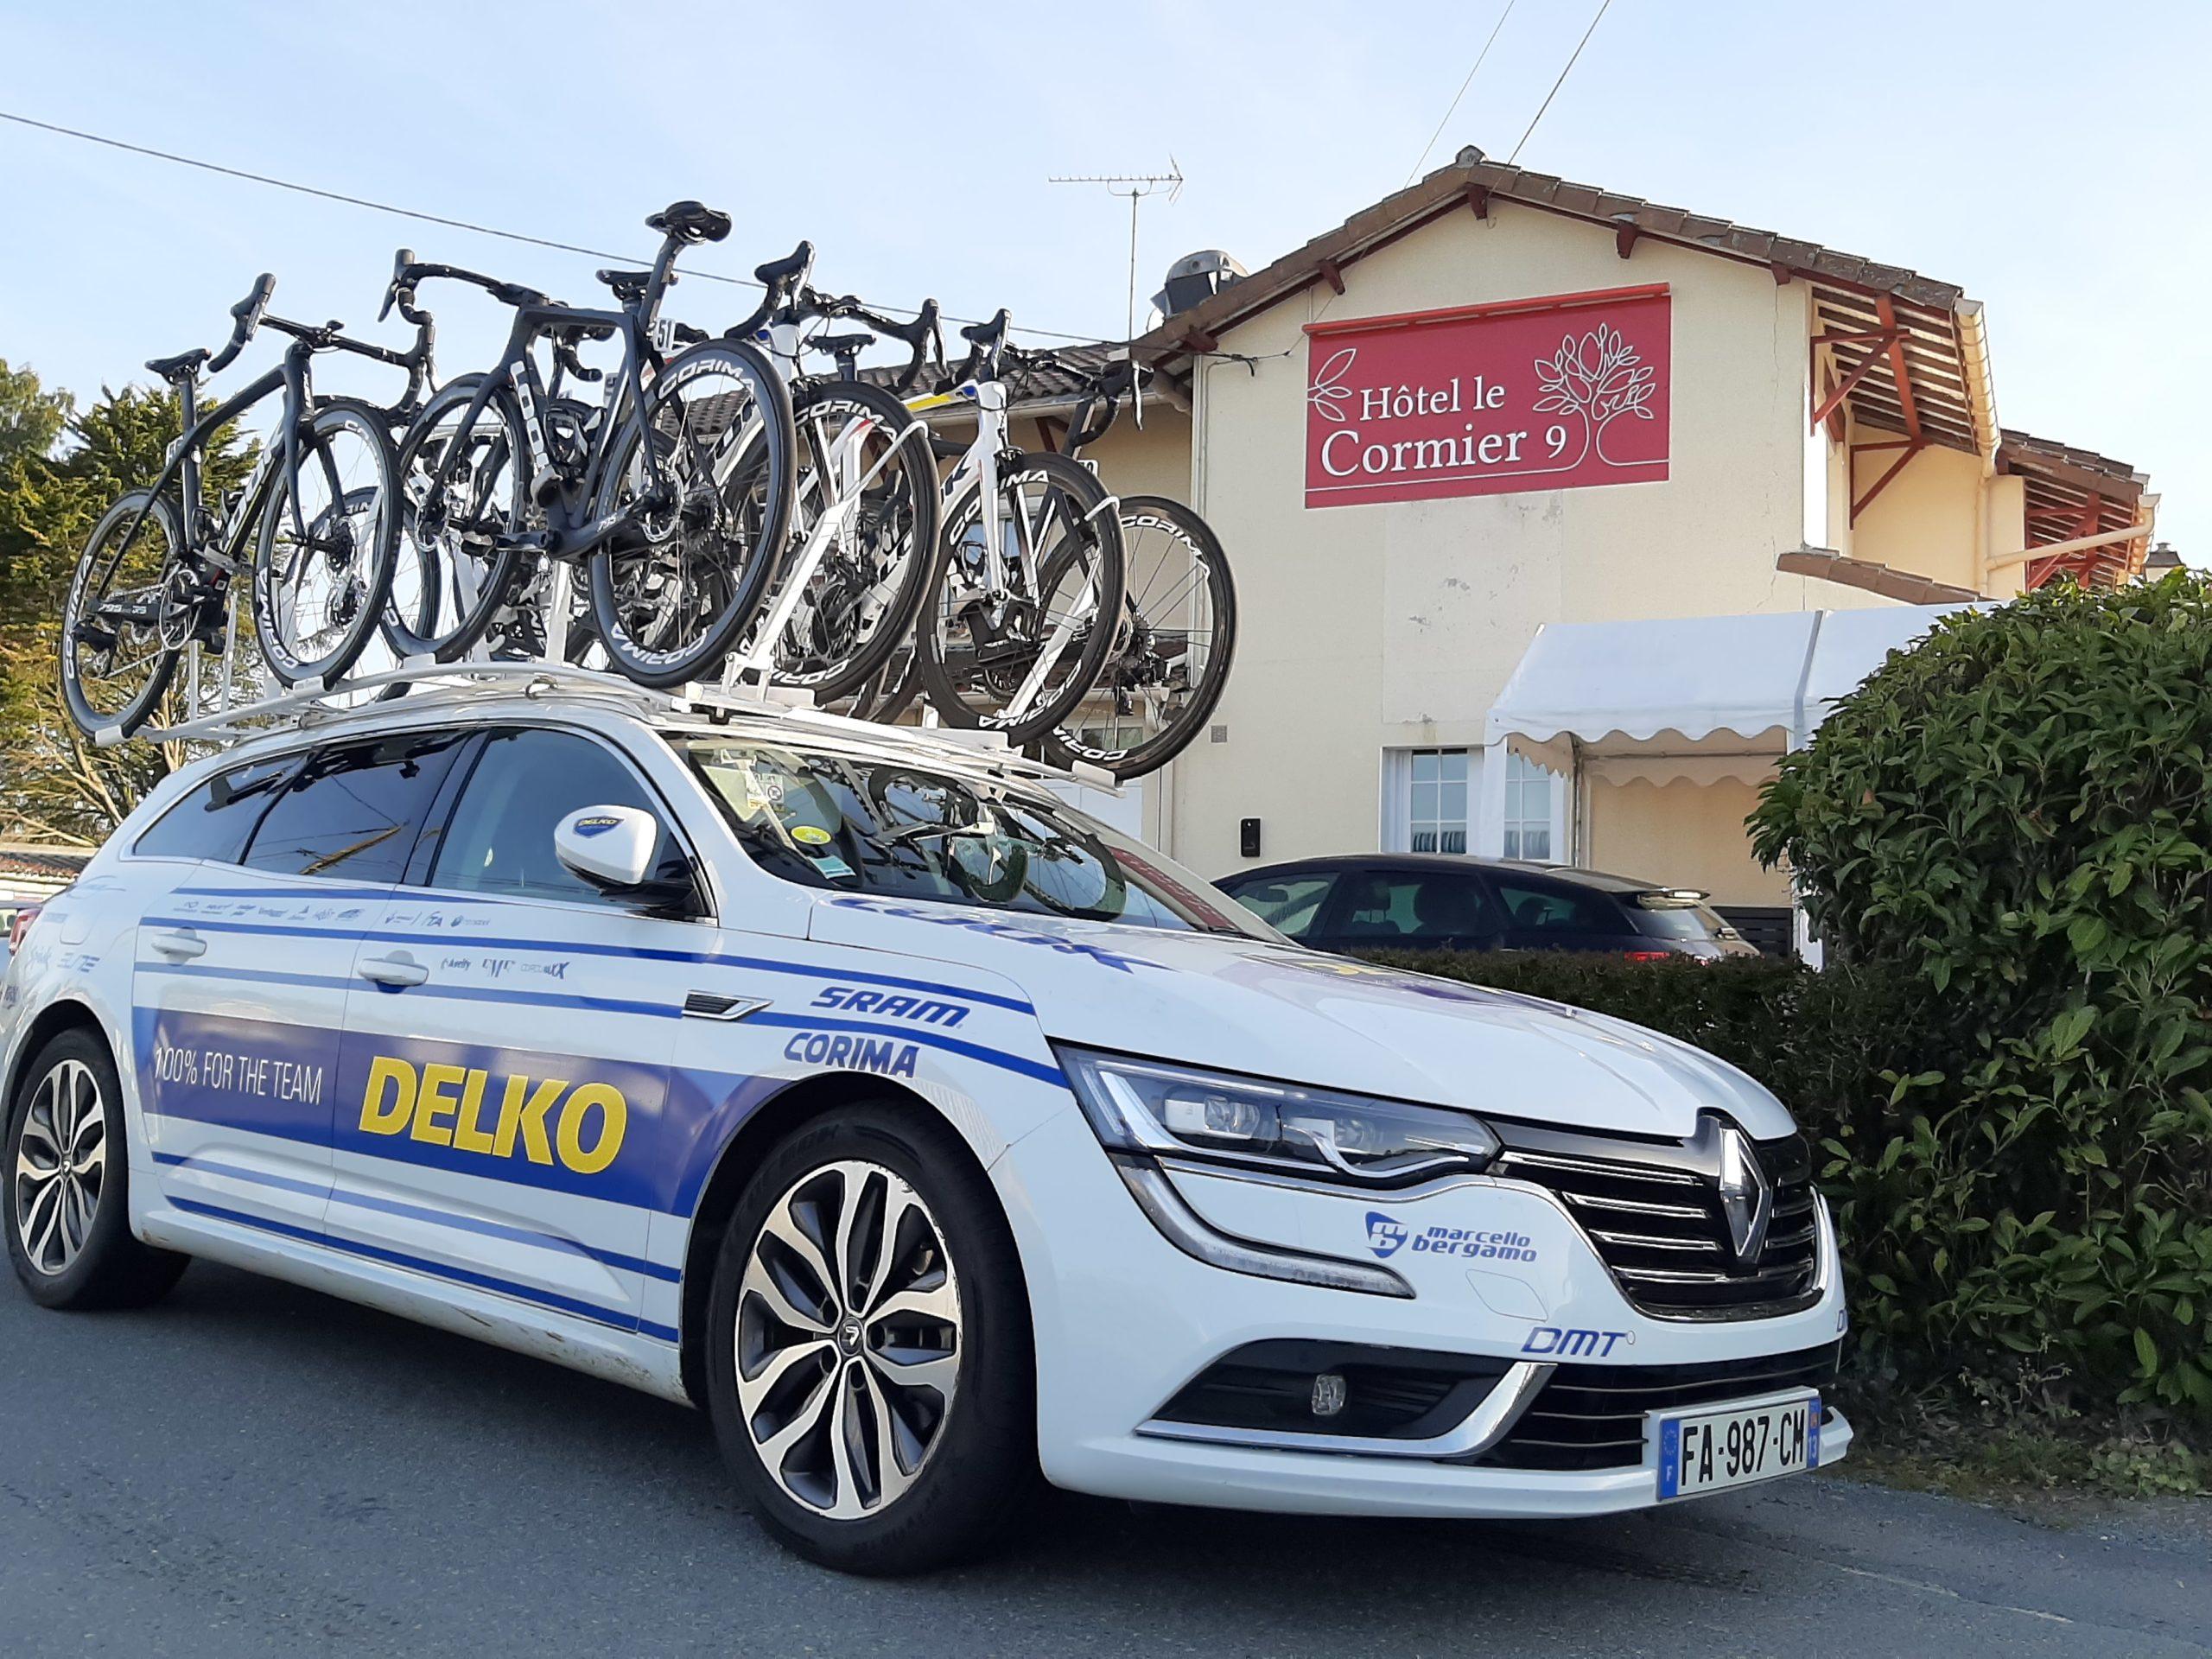 Cyclisme, Team Delko à l'hôtel Le Cormier 9 à Cholet